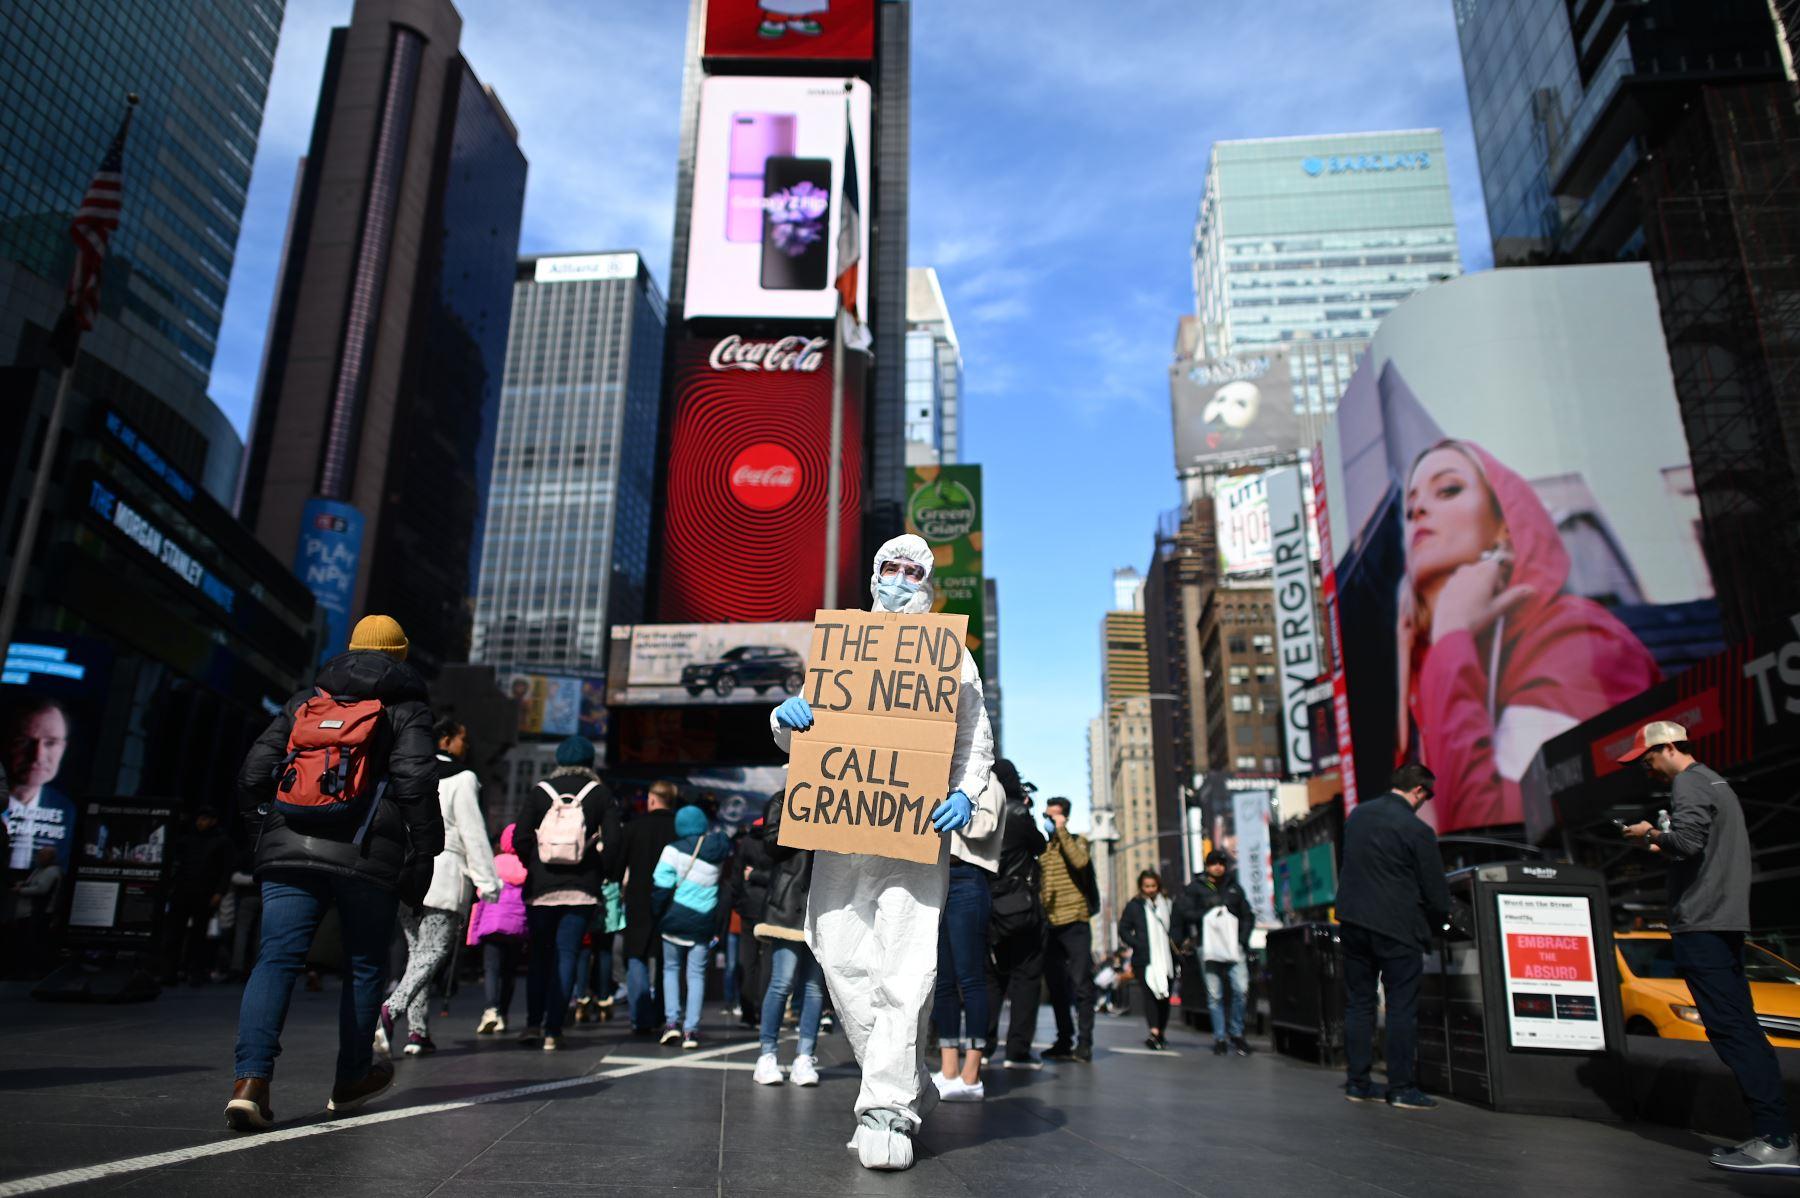 """Un hombre vestido con un traje de materiales peligrosos y una máscara sostiene un cartel que dice """"el final está cerca de llamar a la abuela"""" en Times Square  en la ciudad de Nueva York. AFP"""